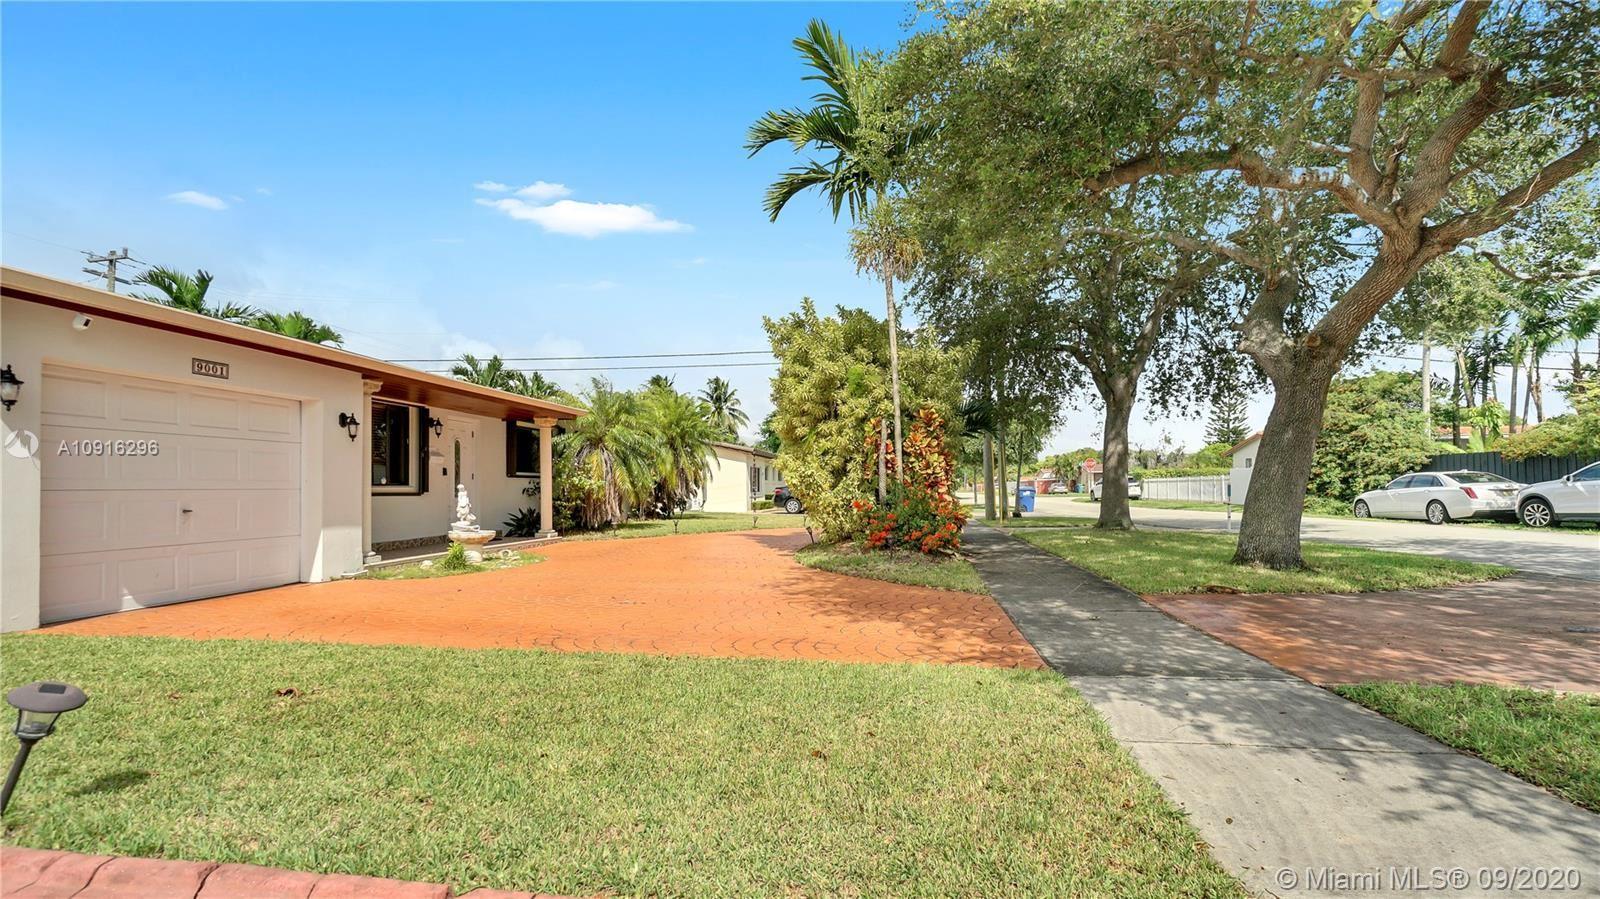 9001 SW 52nd St, Miami, FL 33165 - #: A10916296